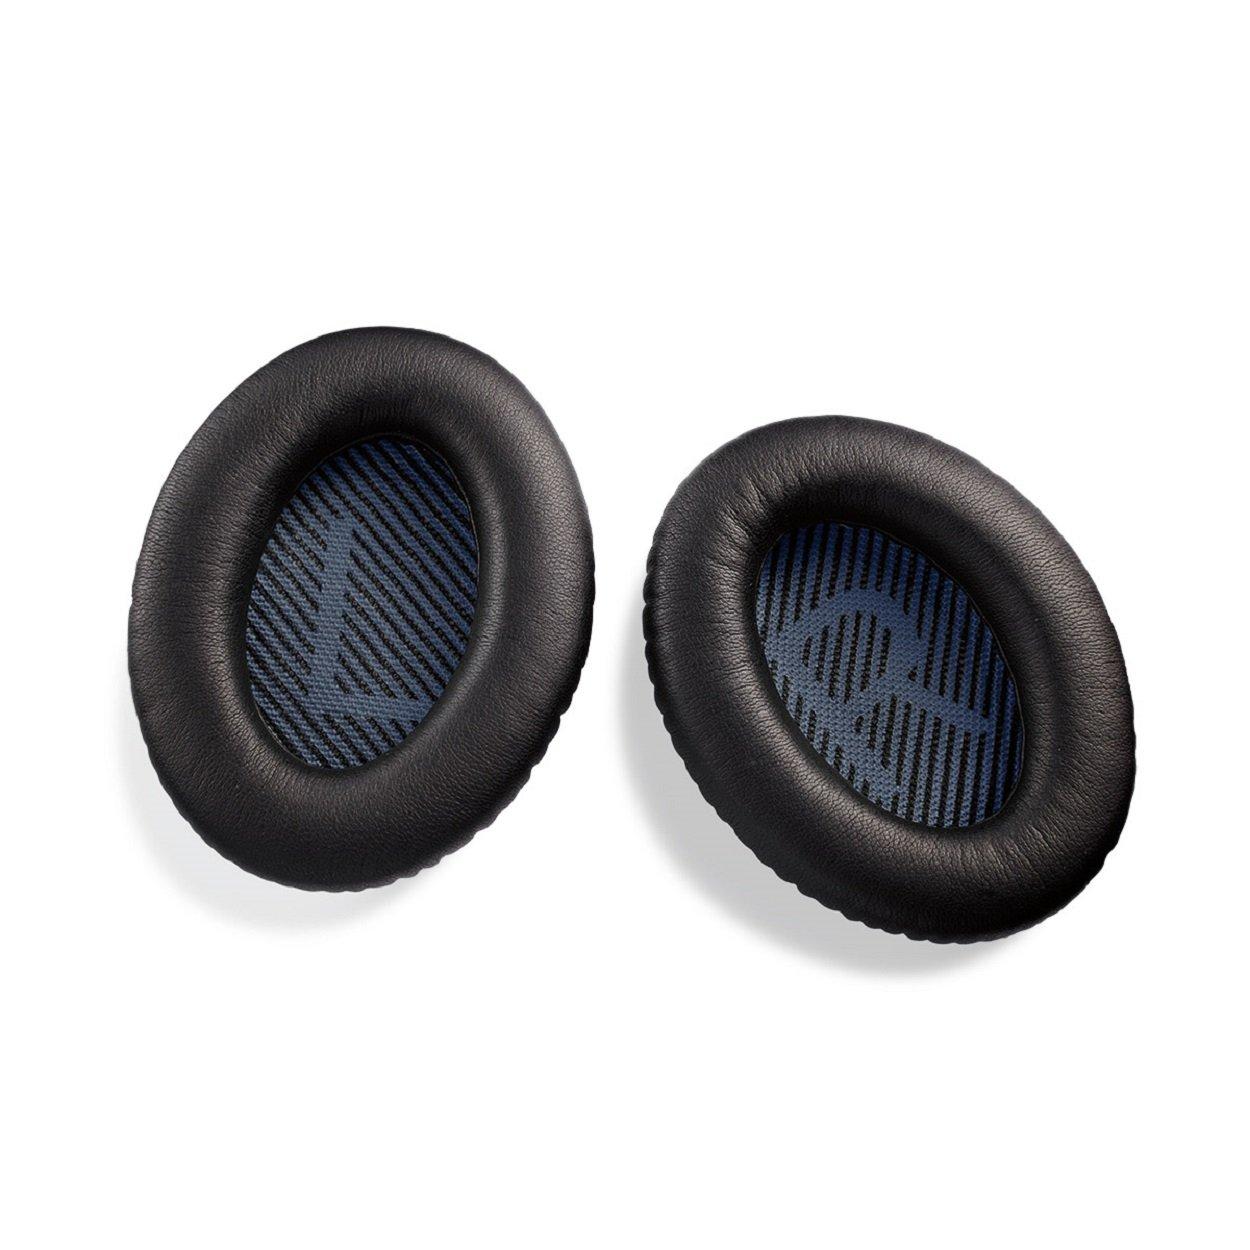 Bose® 746892-0020 - Kit de almohadillas para auriculares externos cerrados SoundLink®, color blanco: Amazon.es: Electrónica